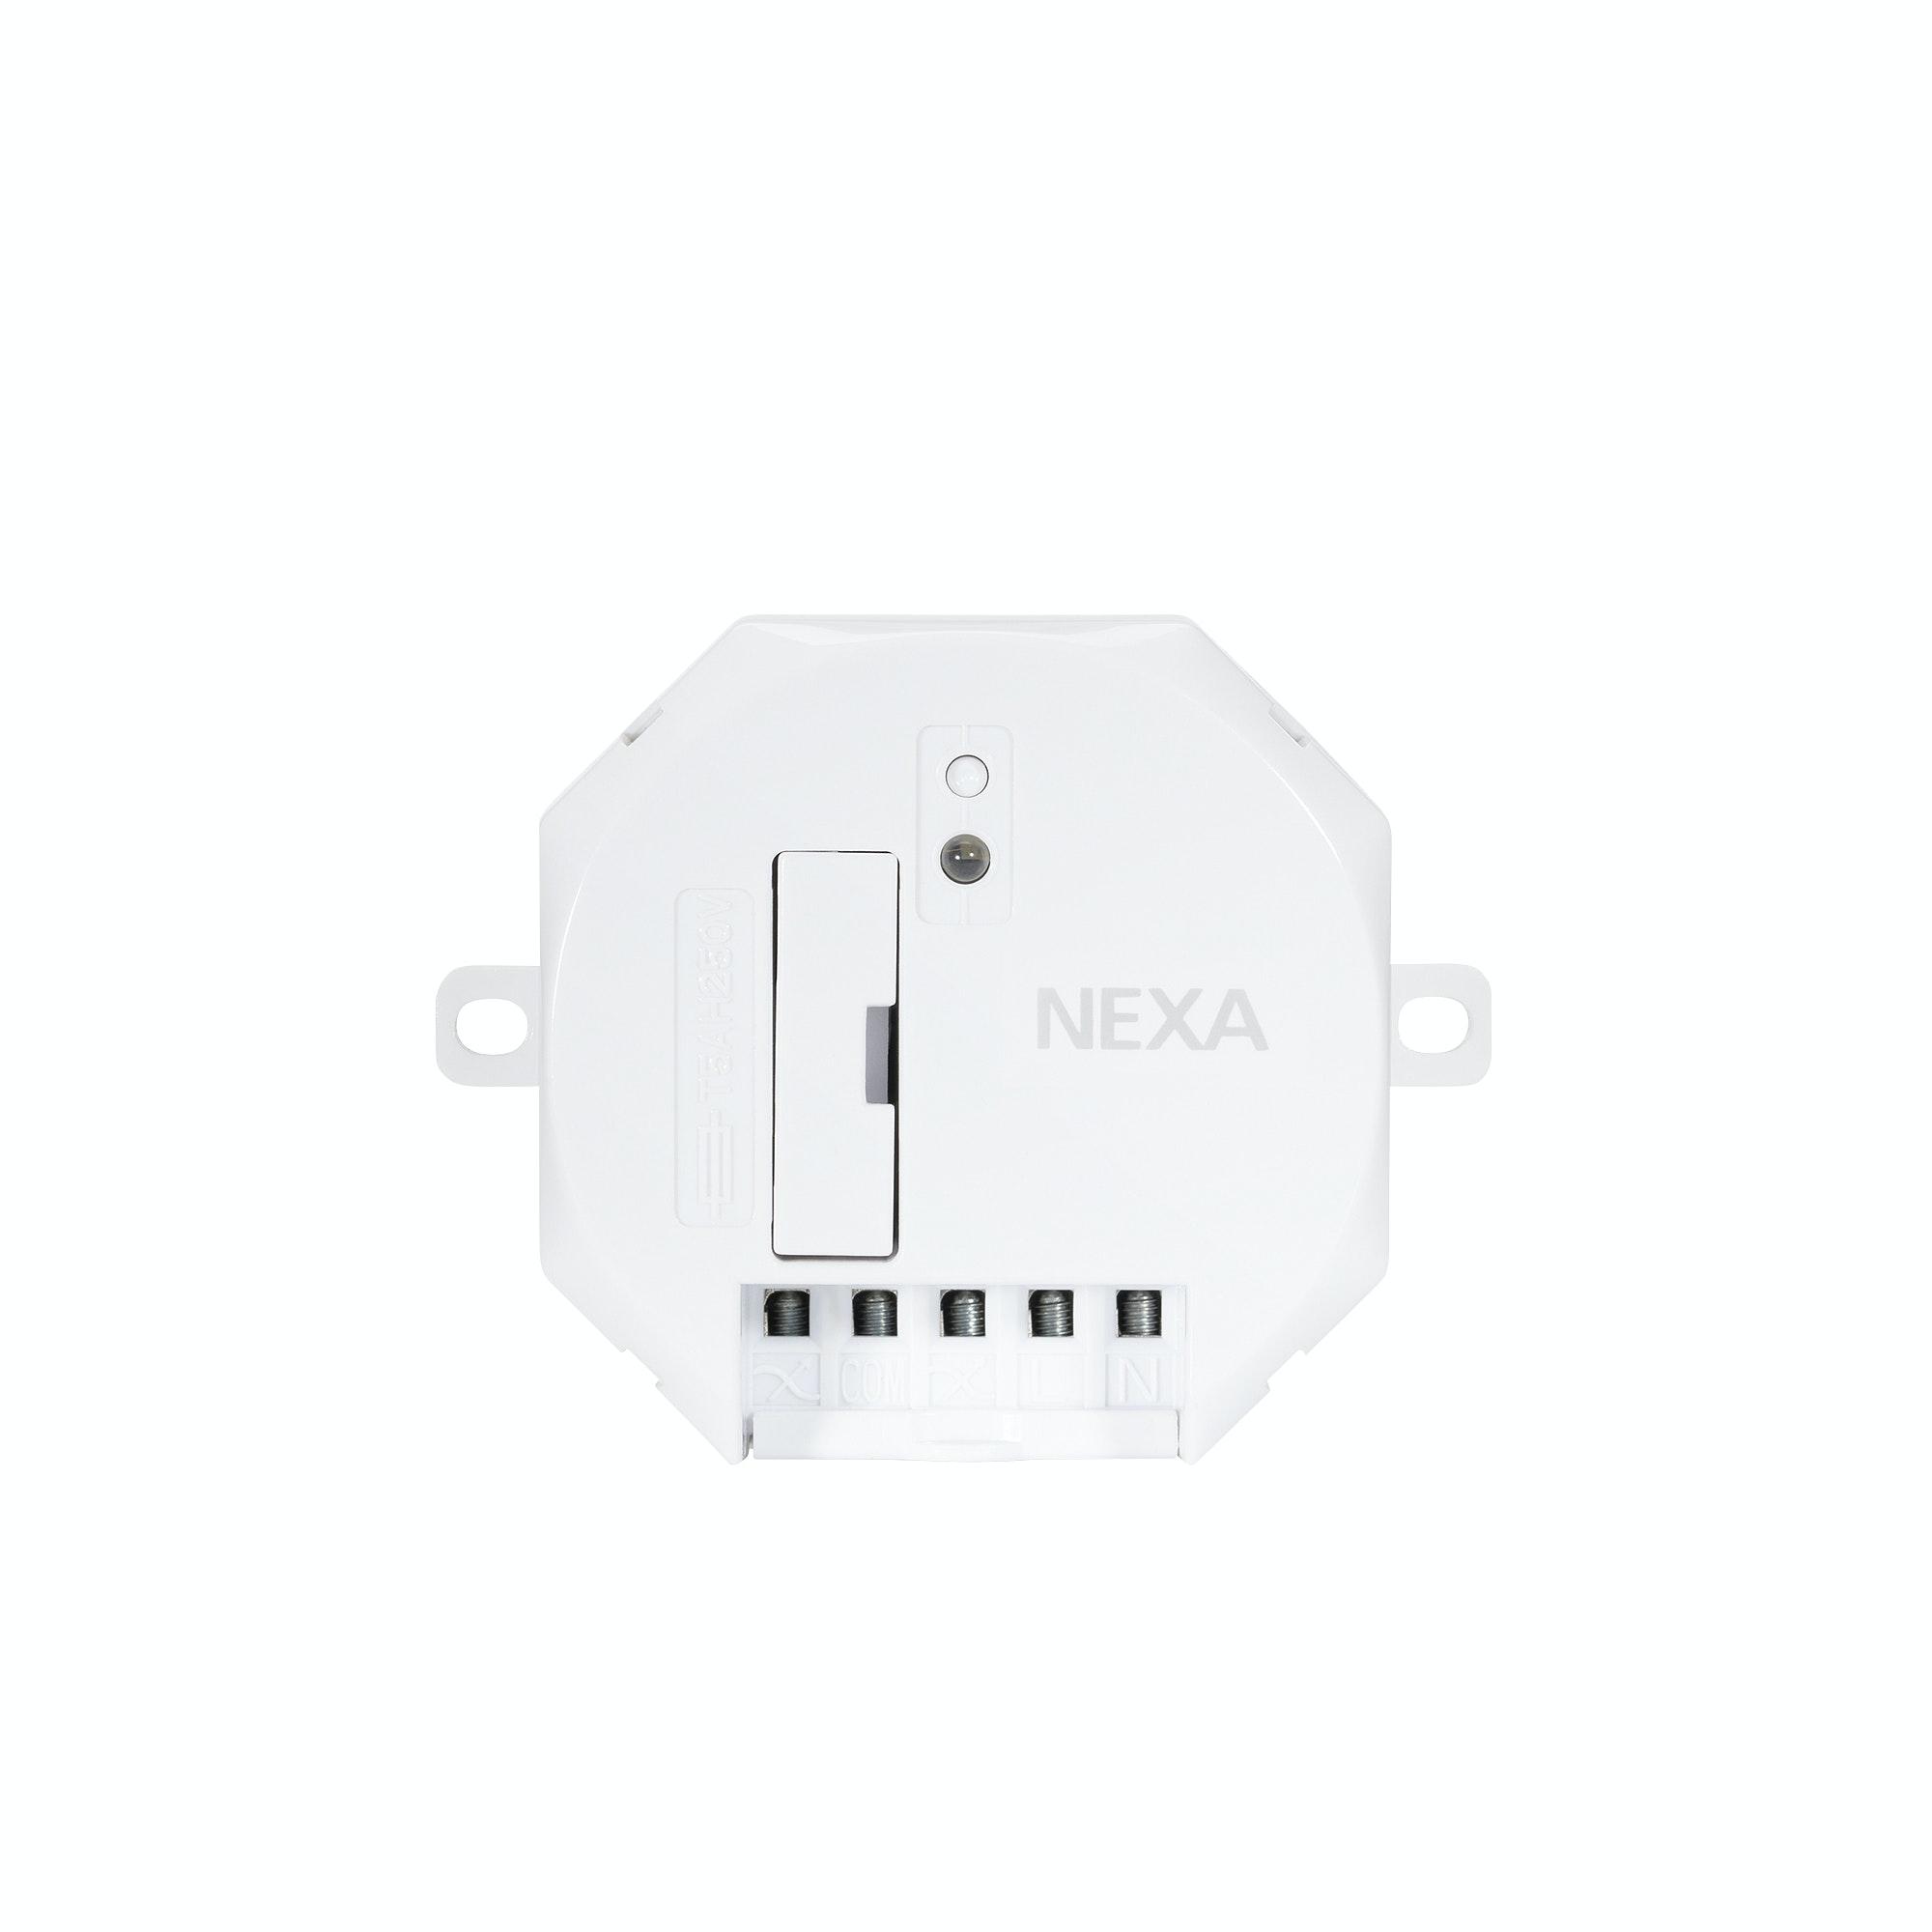 Markisstyrning Nexa EJLR-1000 Infälld Mottagare